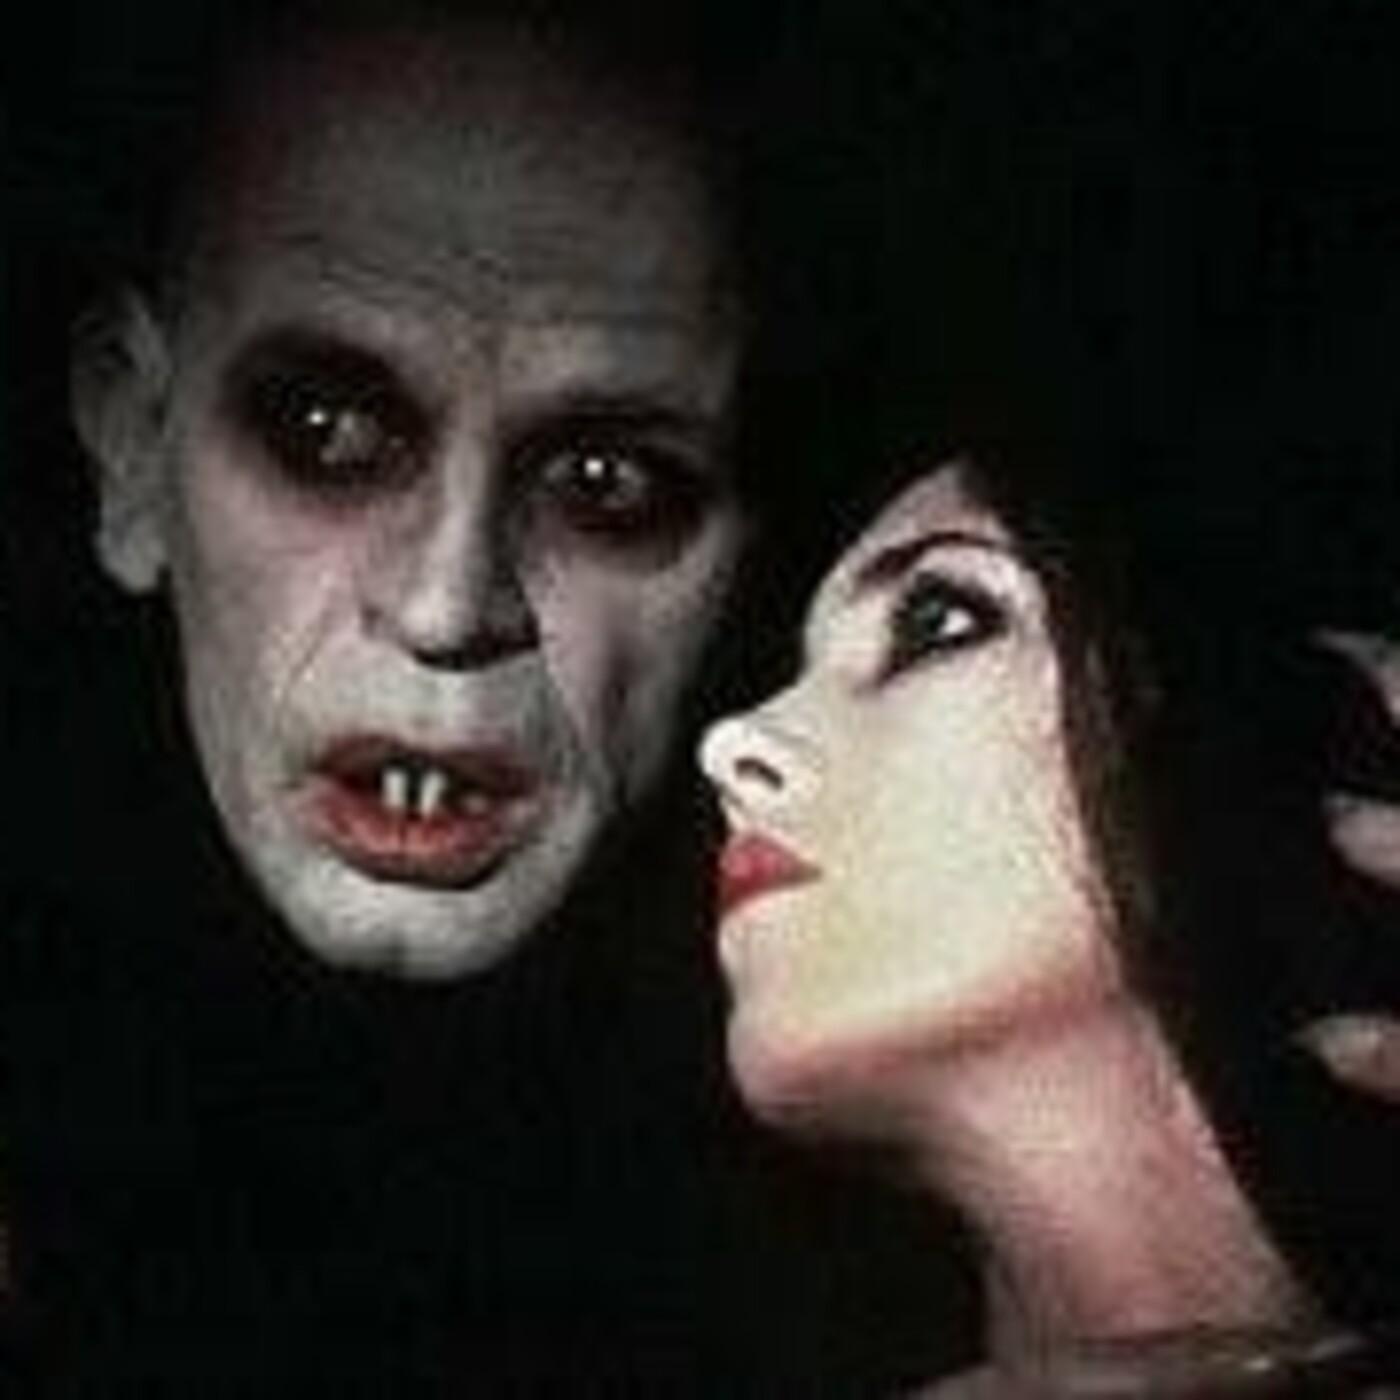 Criaturas míticas: La maldición del vampiro · La llamada del hombre lobo